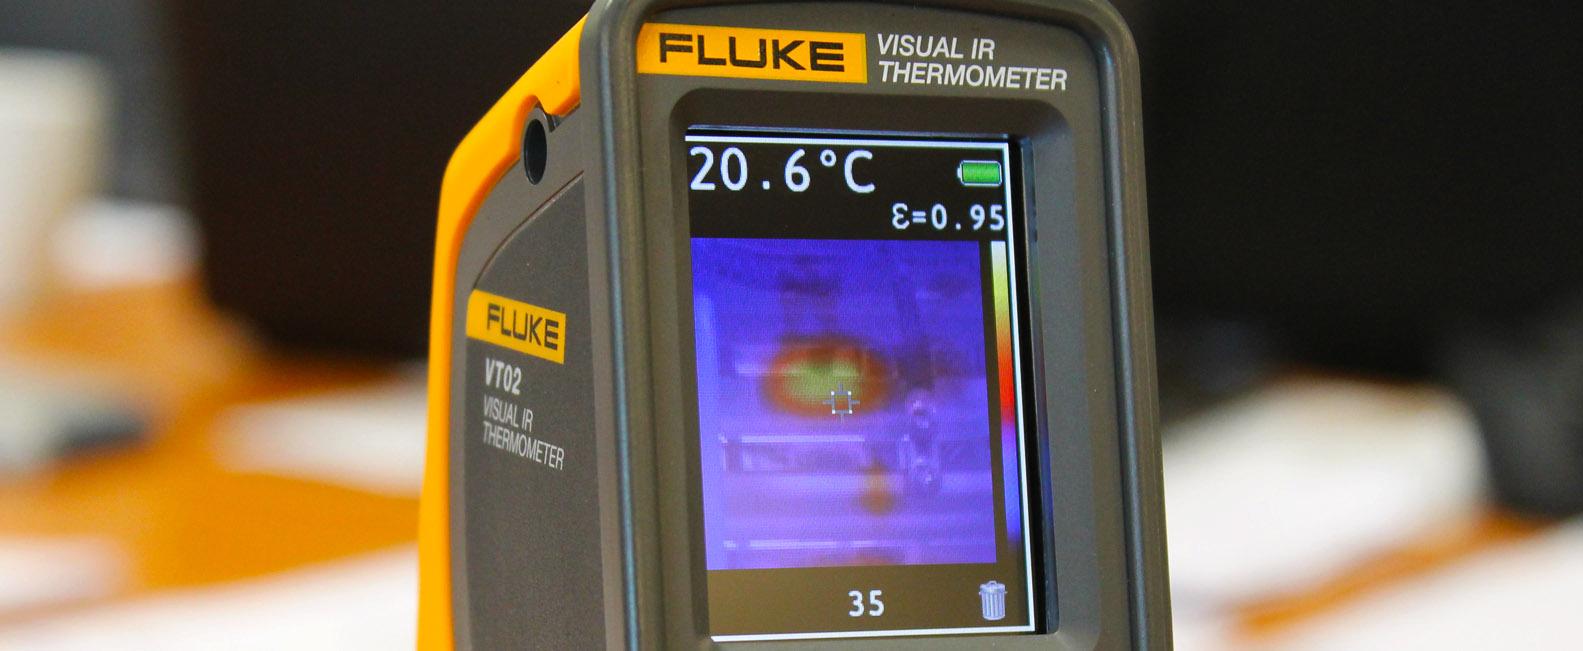 Flukemeter